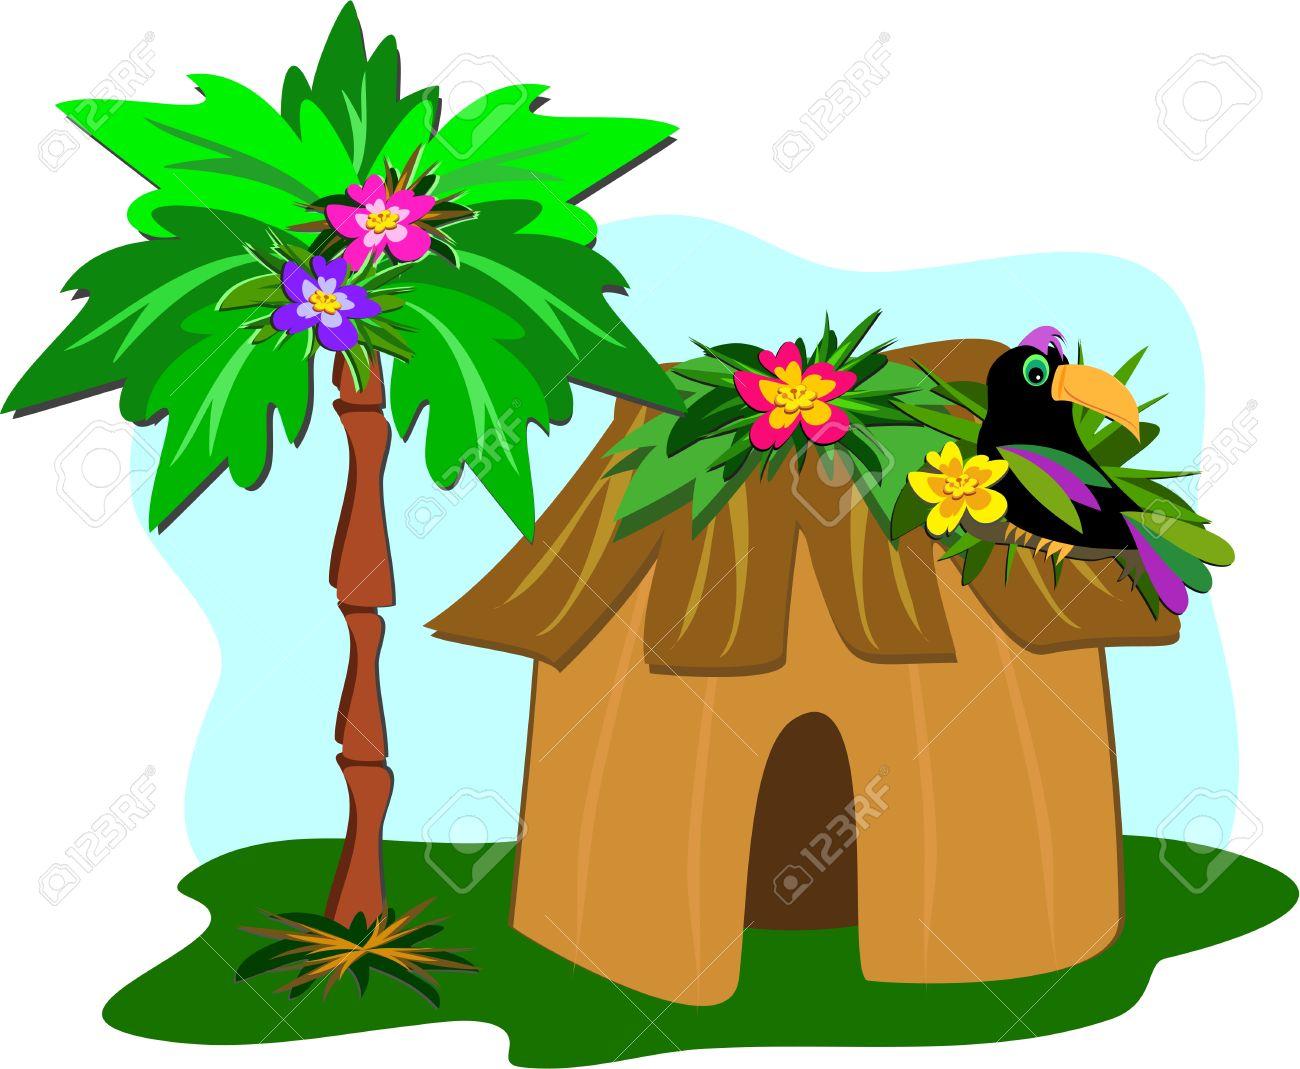 Grass Hut Clipart.